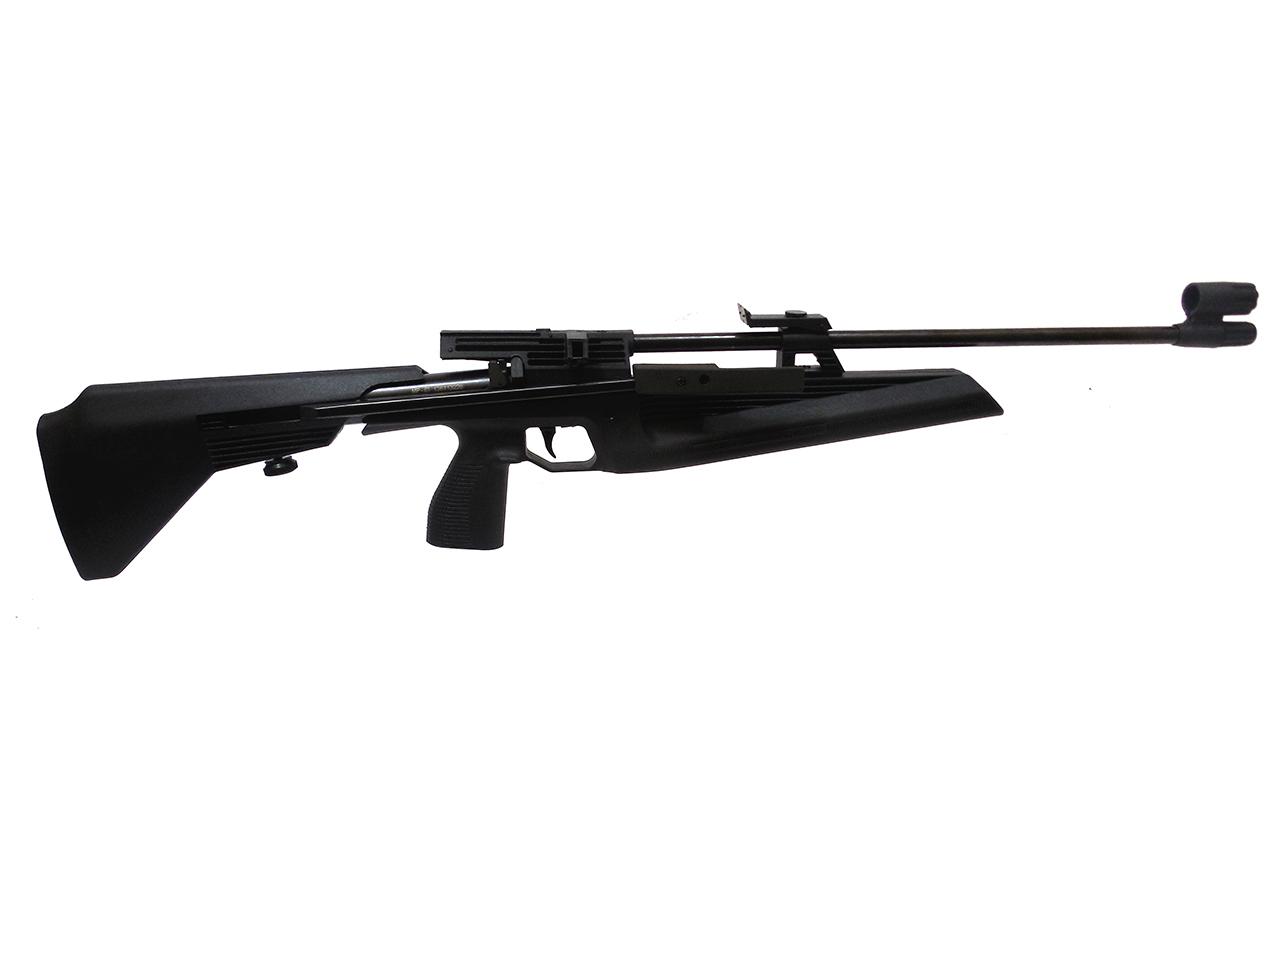 Baikal IZH / MP 61 Multi Shot Air Rifle   SKU 6372